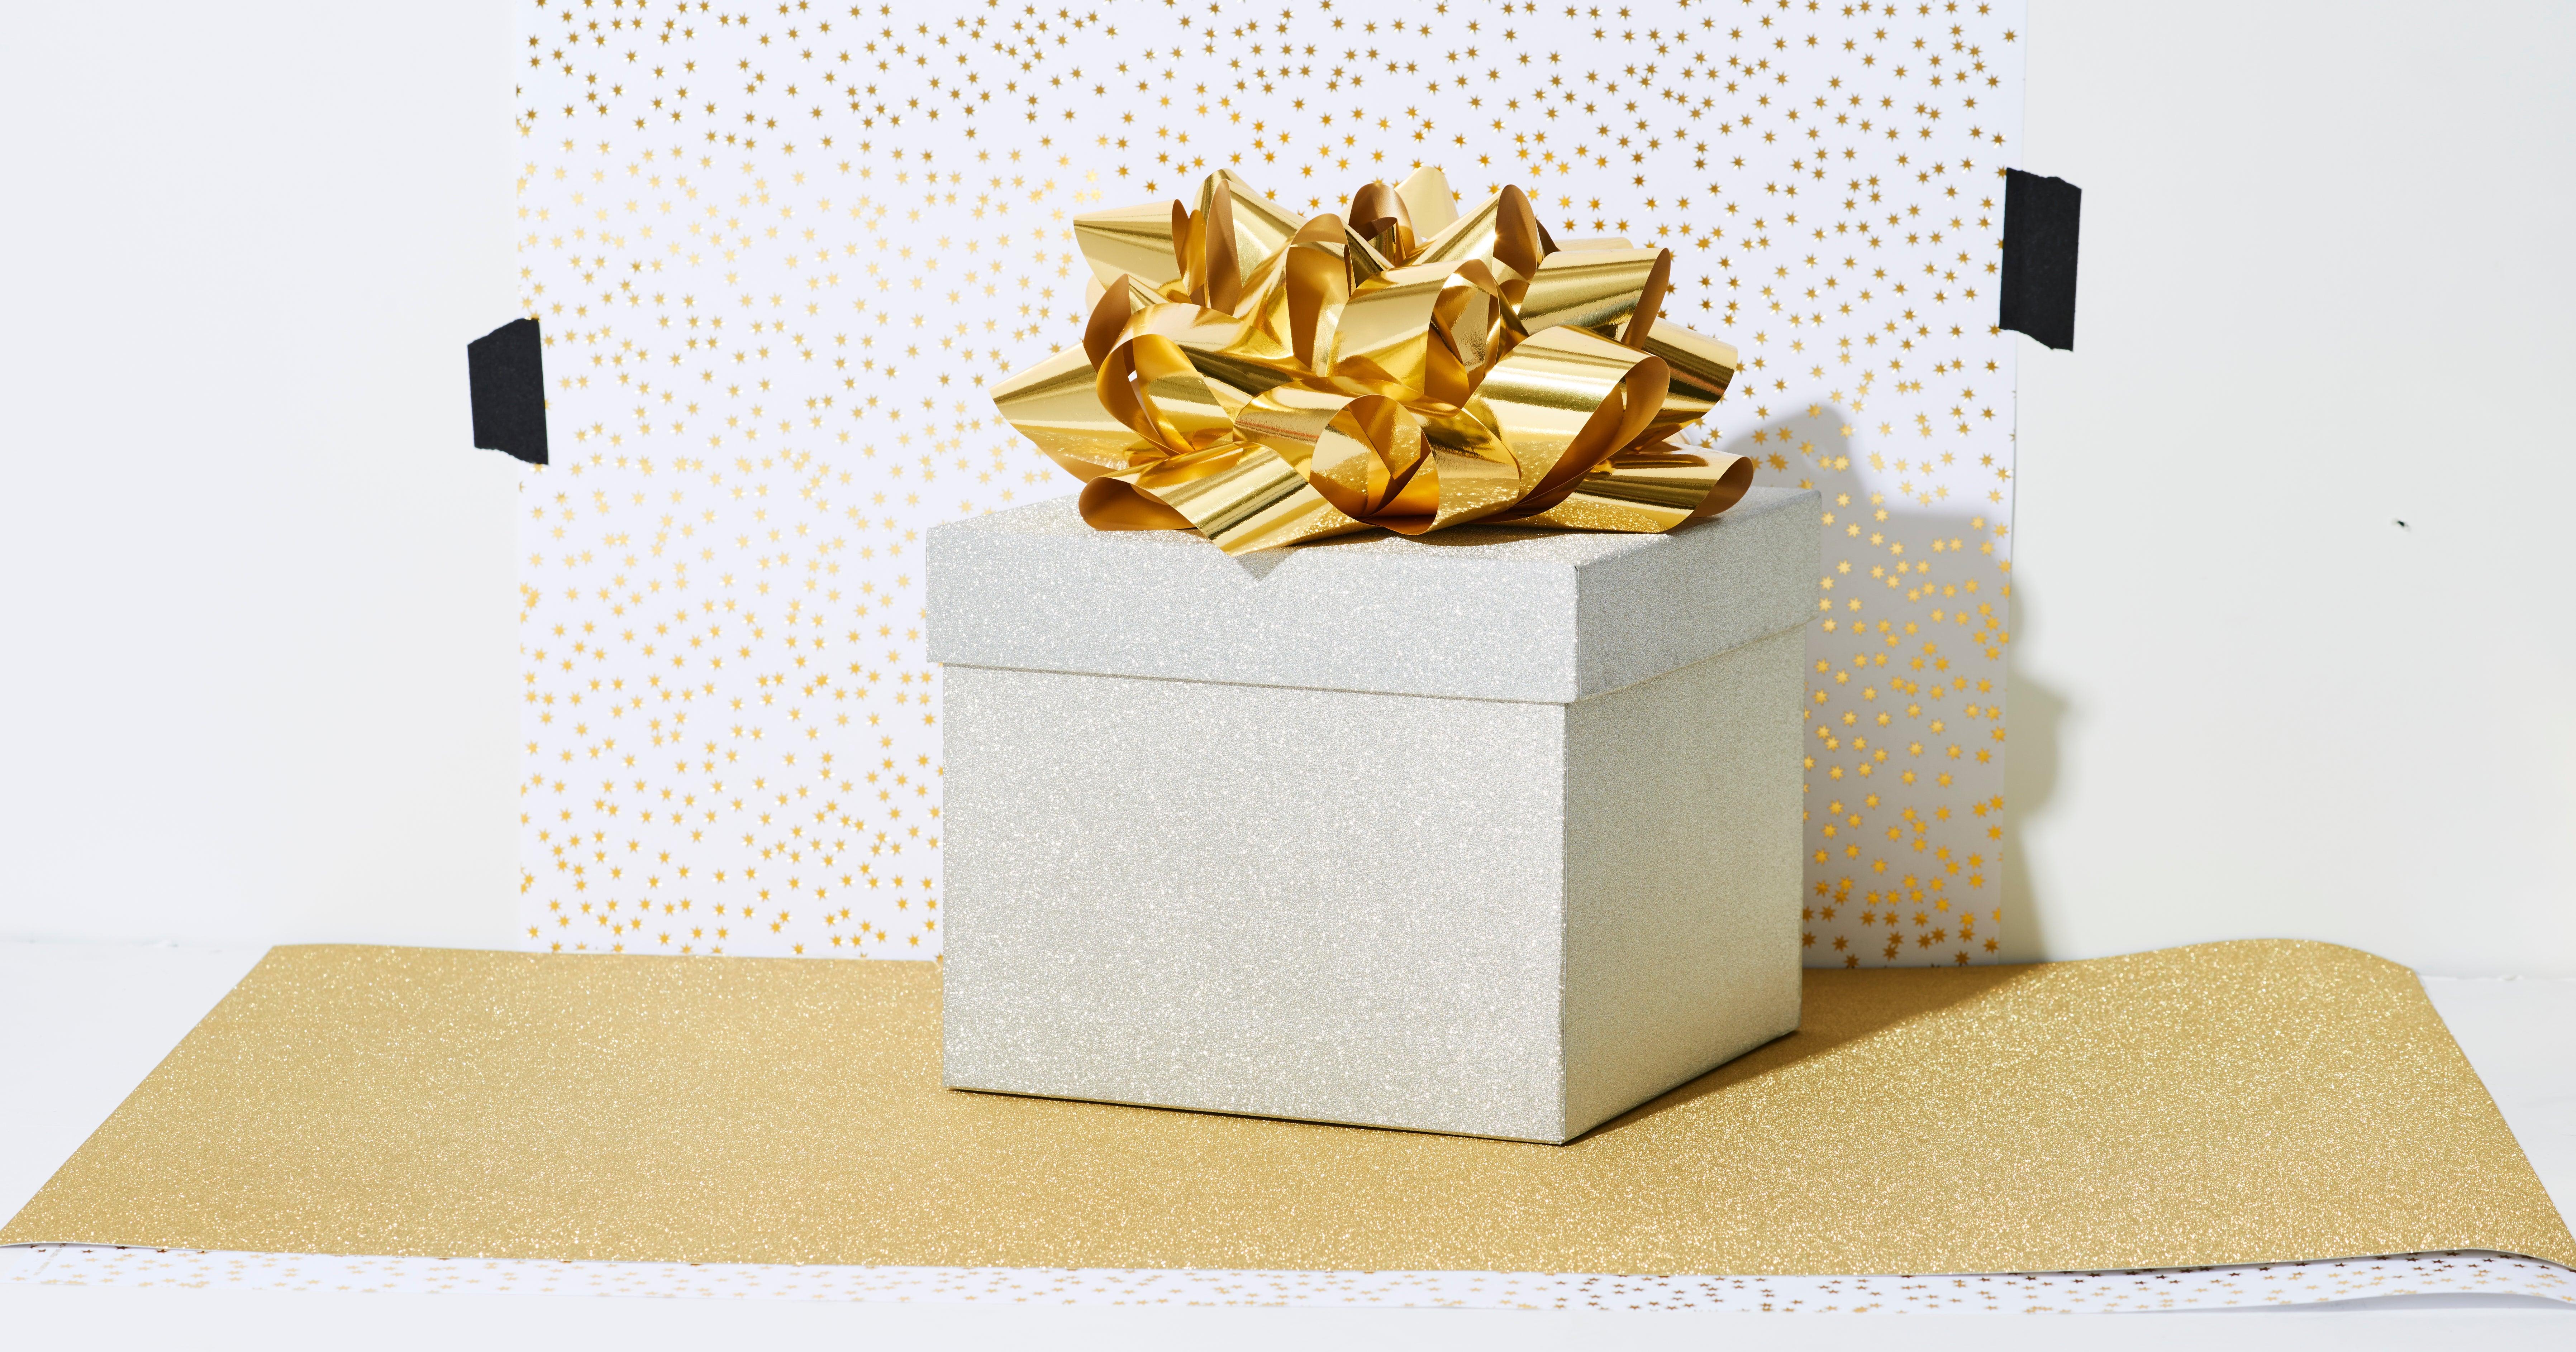 Fernbeziehung: 11 süße Weihnachtsgeschenke für dein*e Partner*in